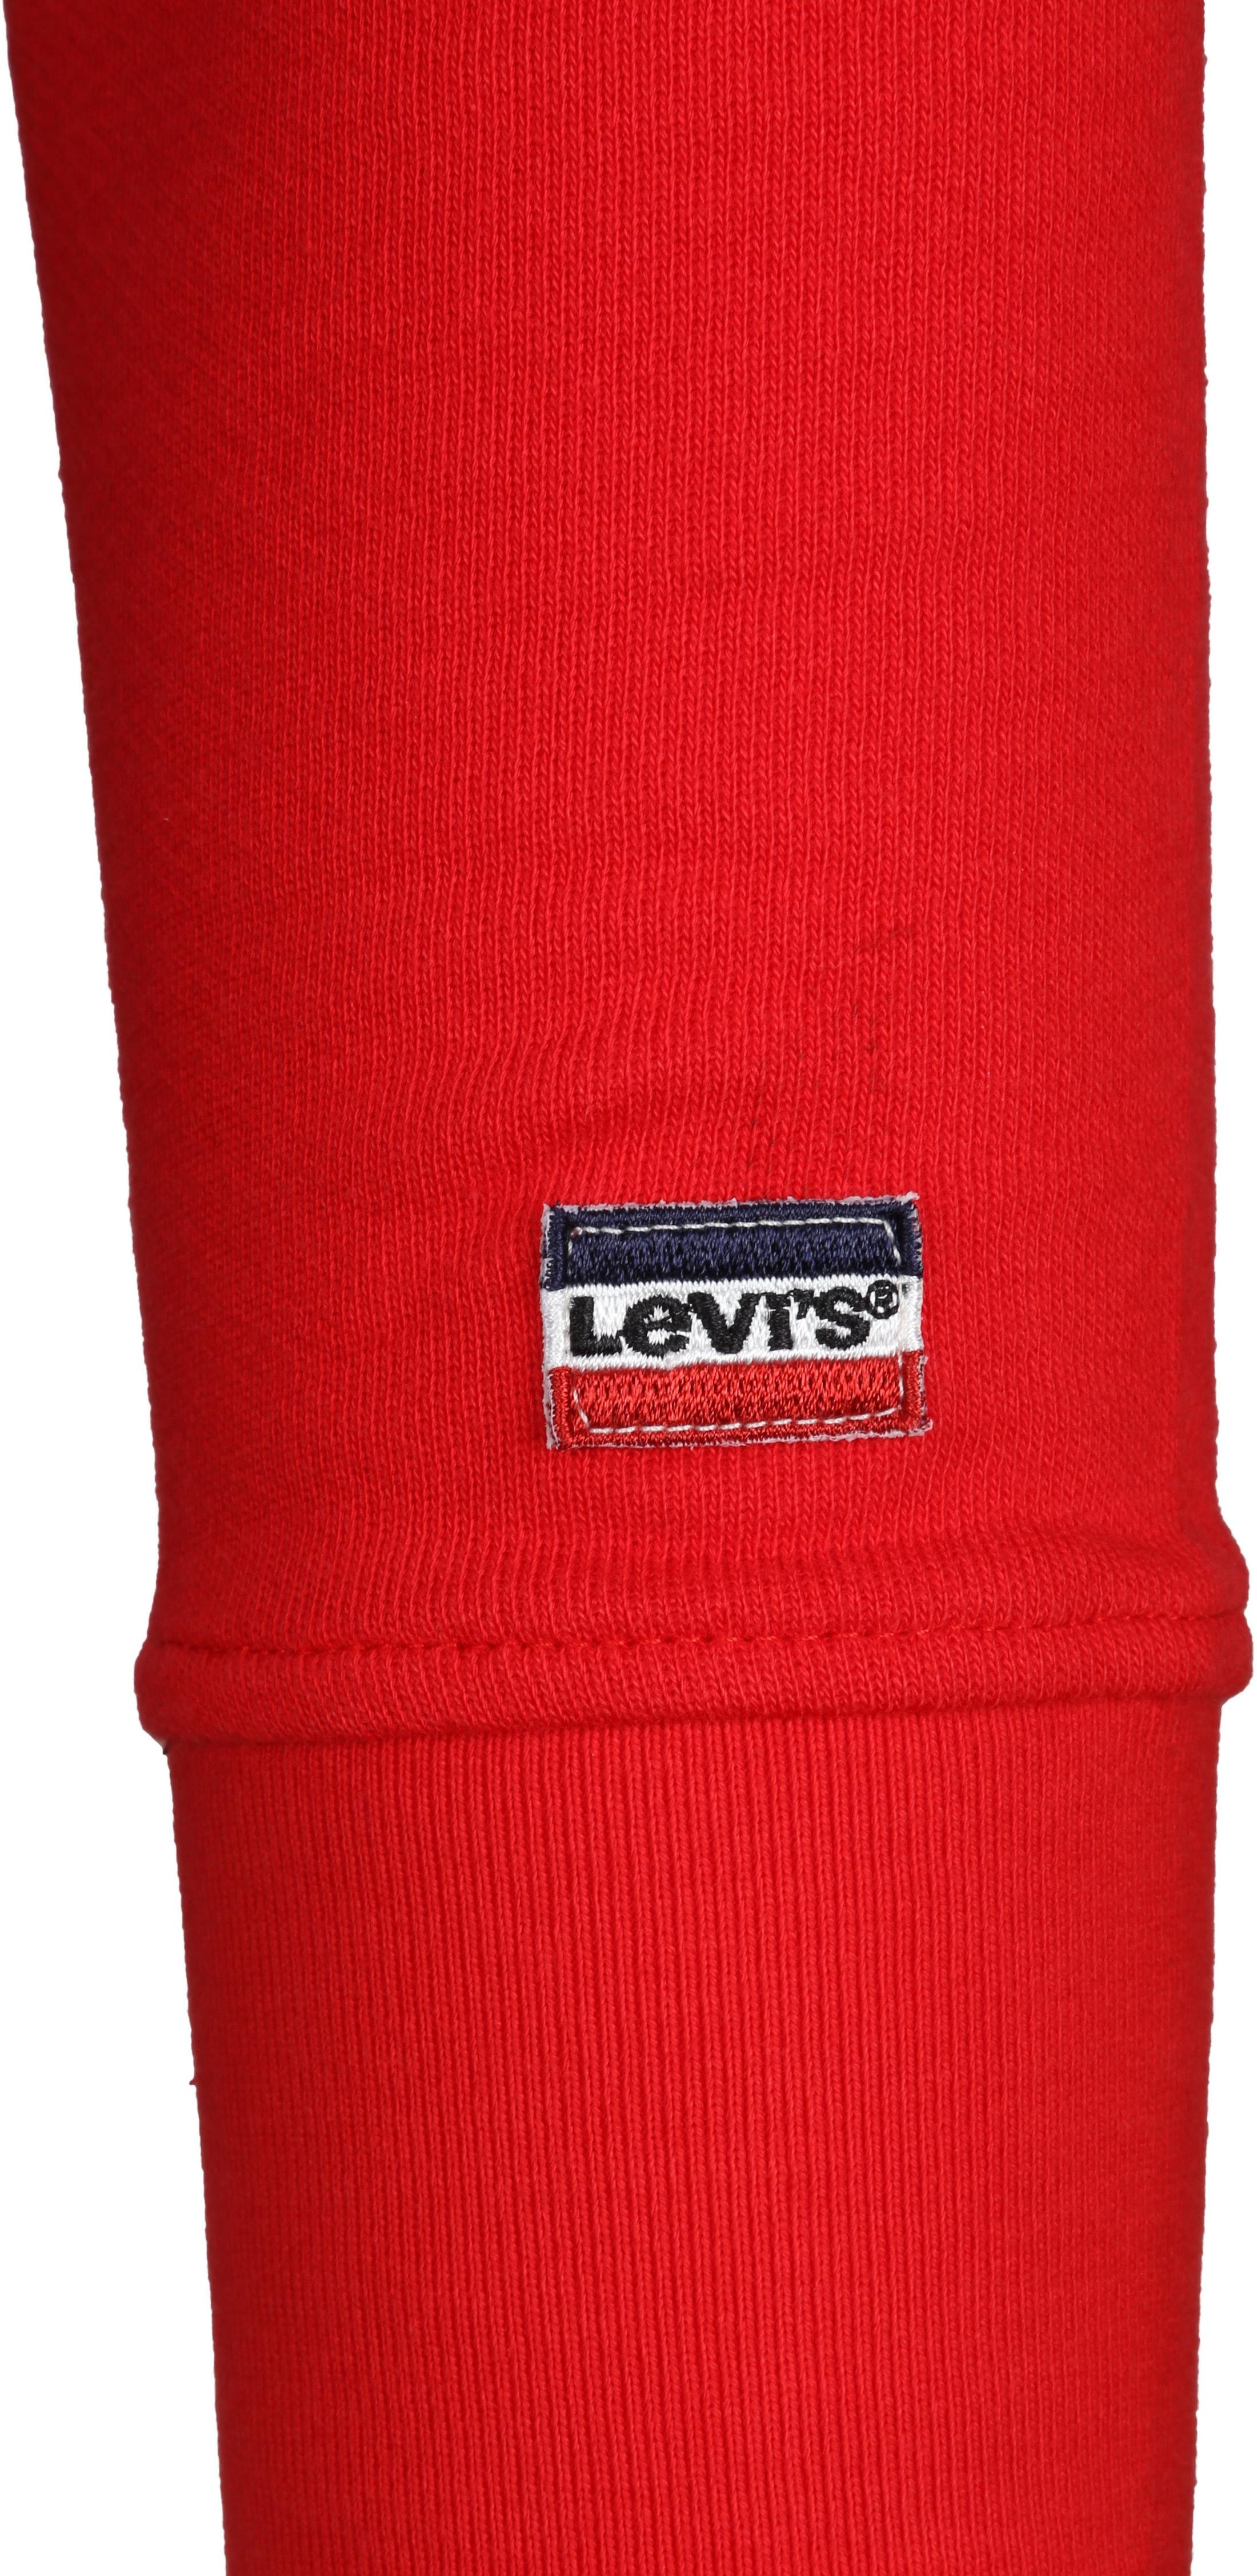 Levi's Sweater Colorblock foto 2